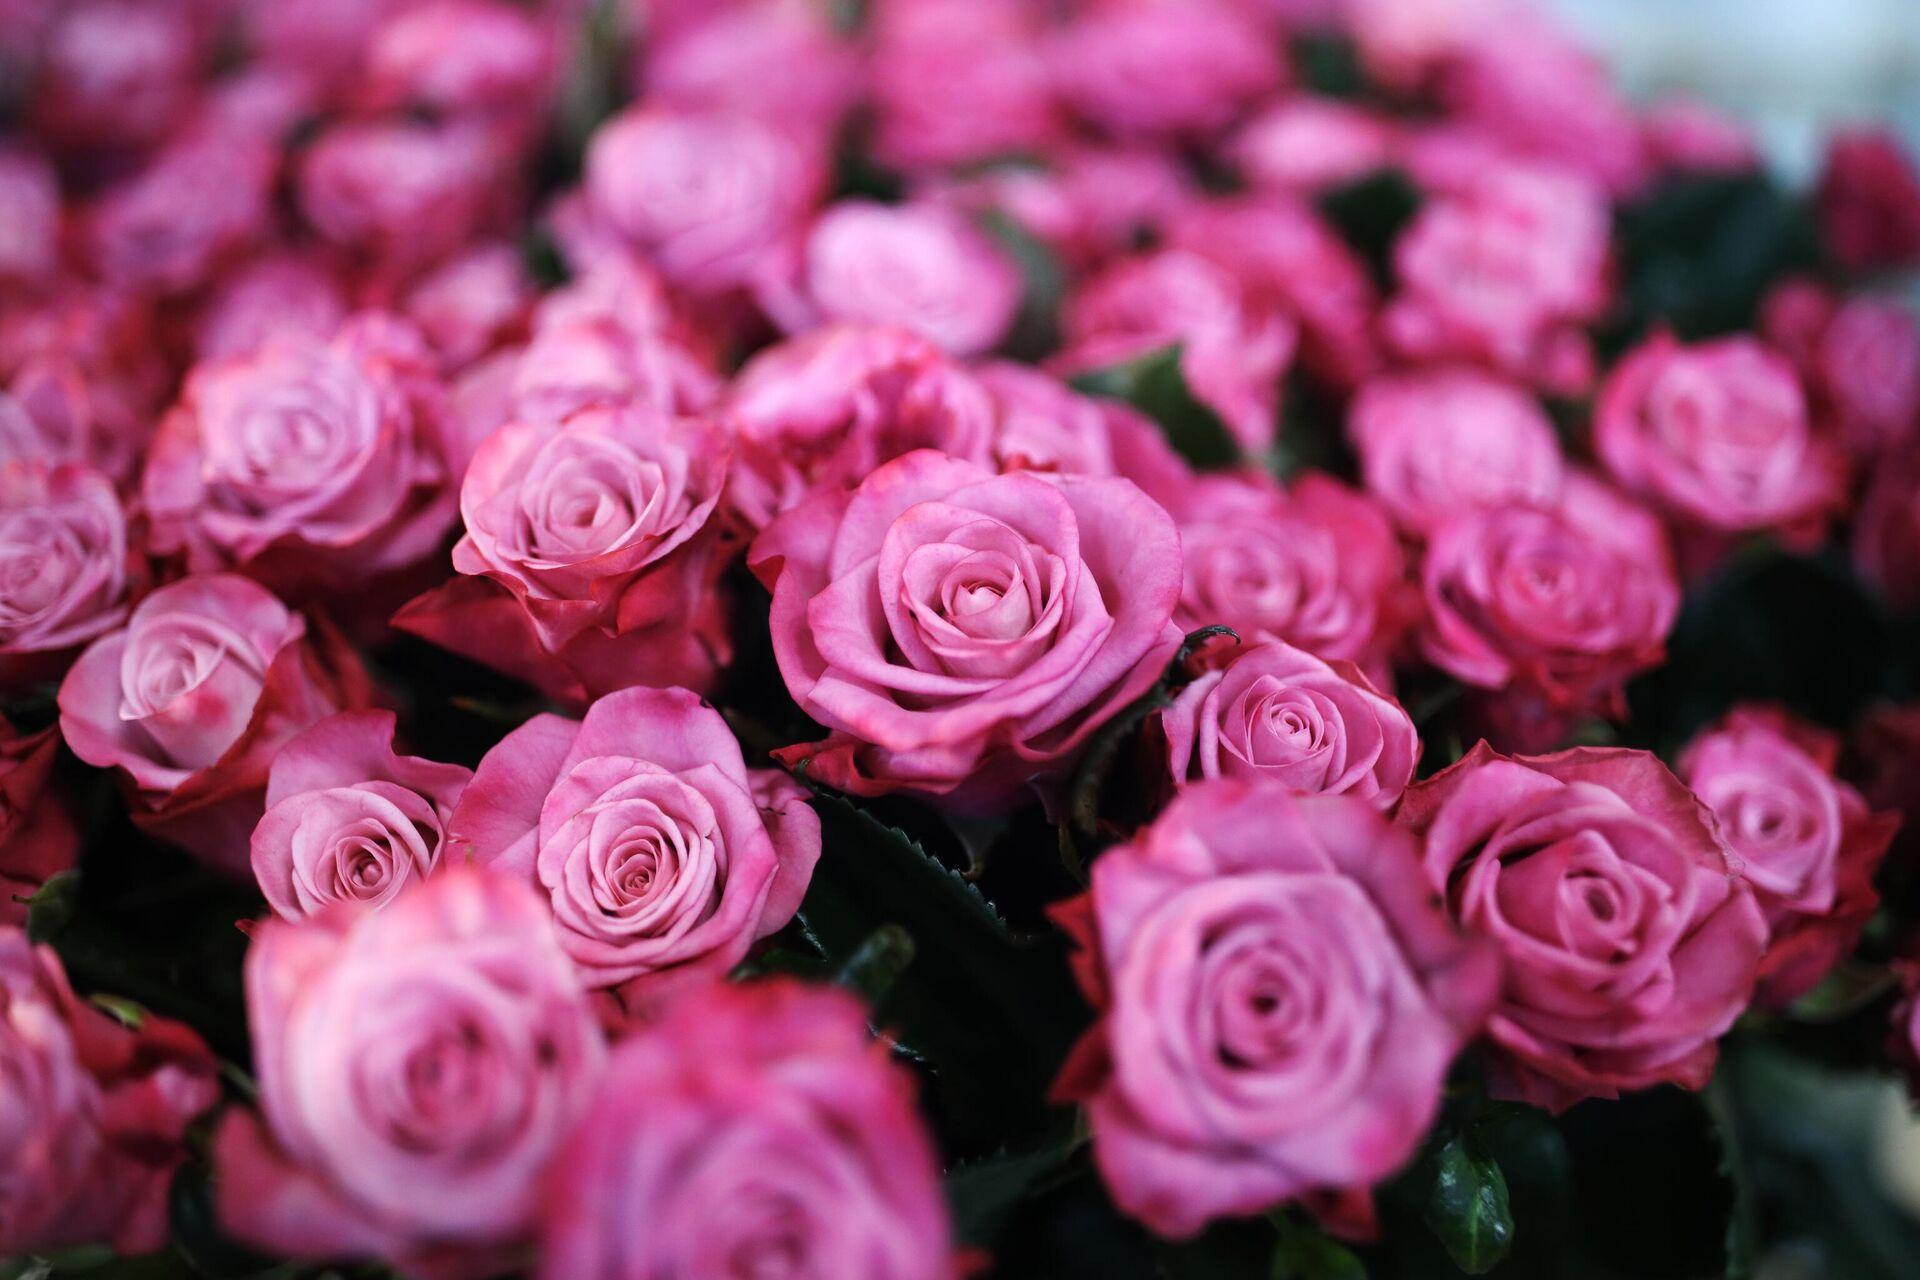 Розы, выращенные в тепличном комплексе Зелёный Дом - РИА Новости, 1920, 05.03.2021